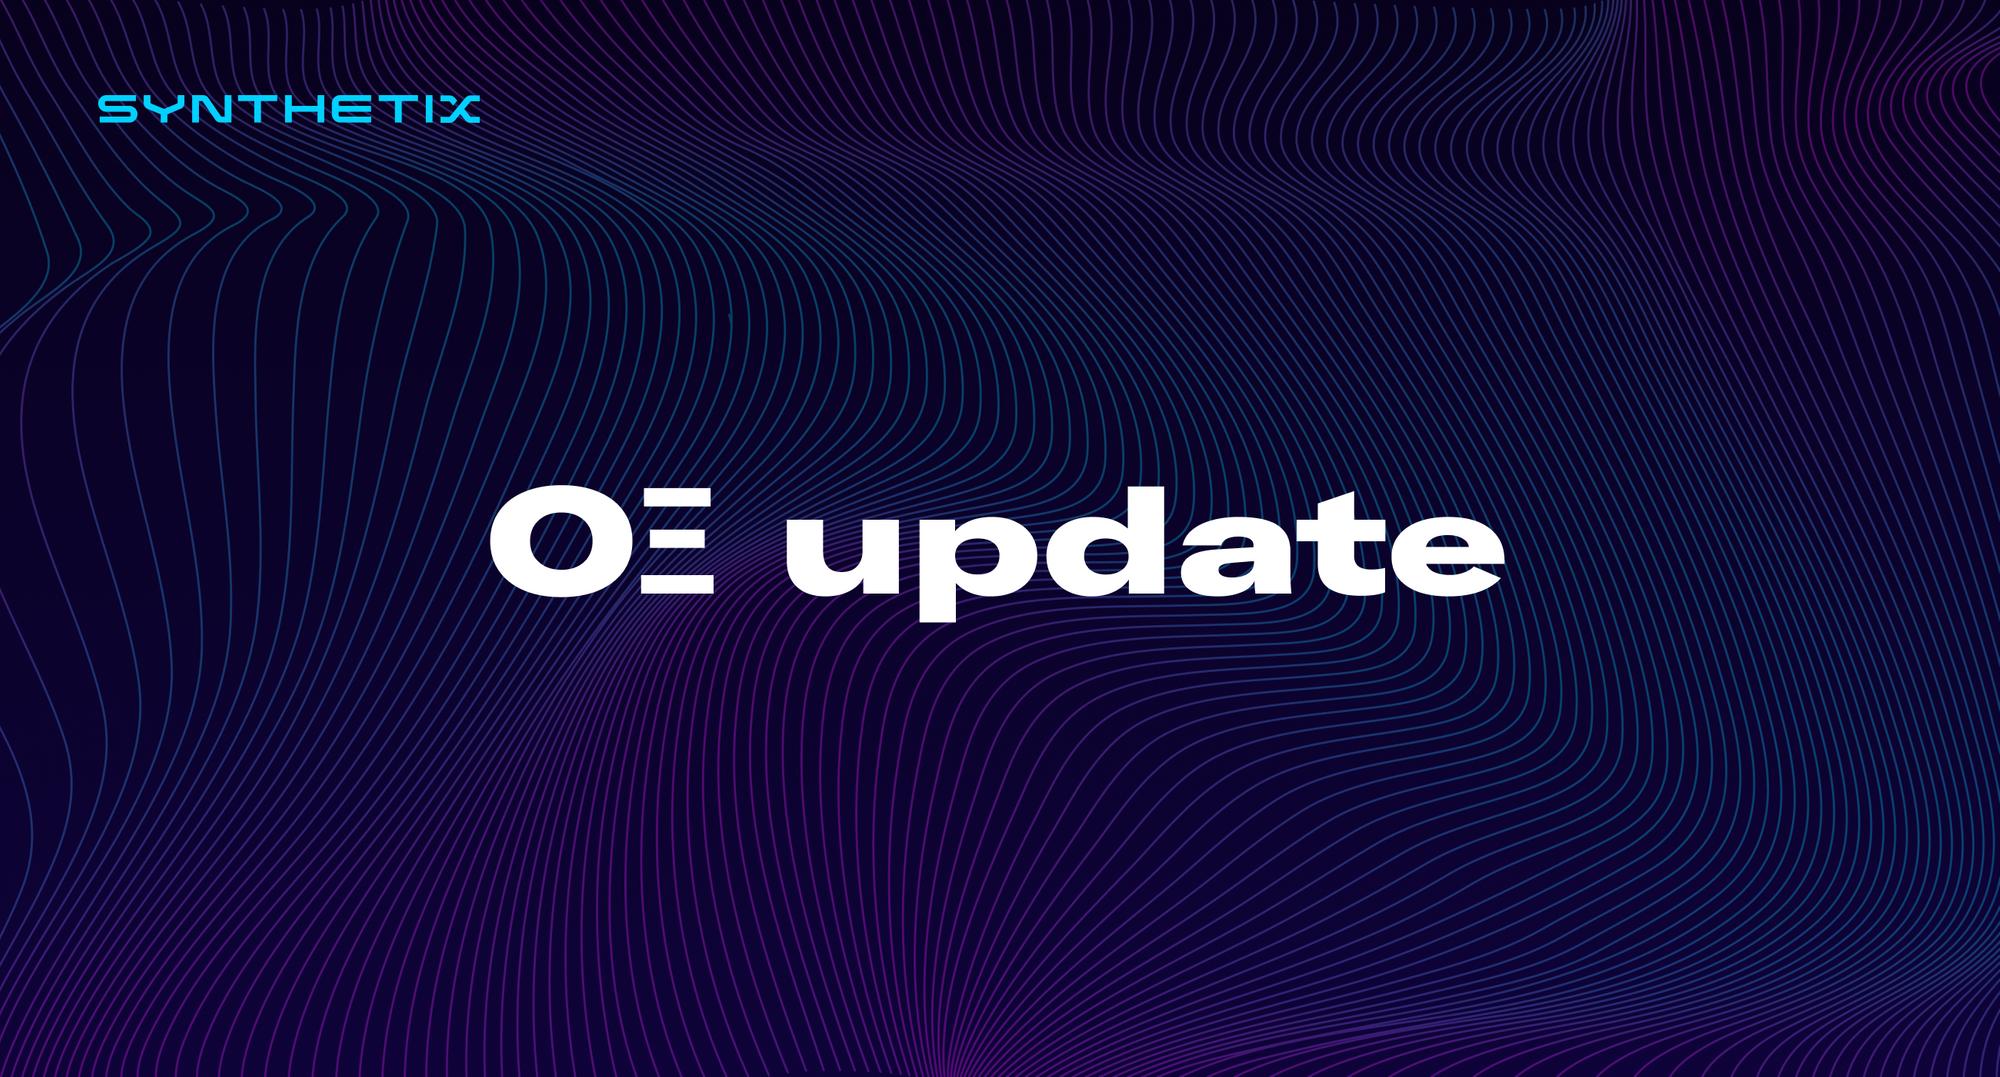 OΞ update